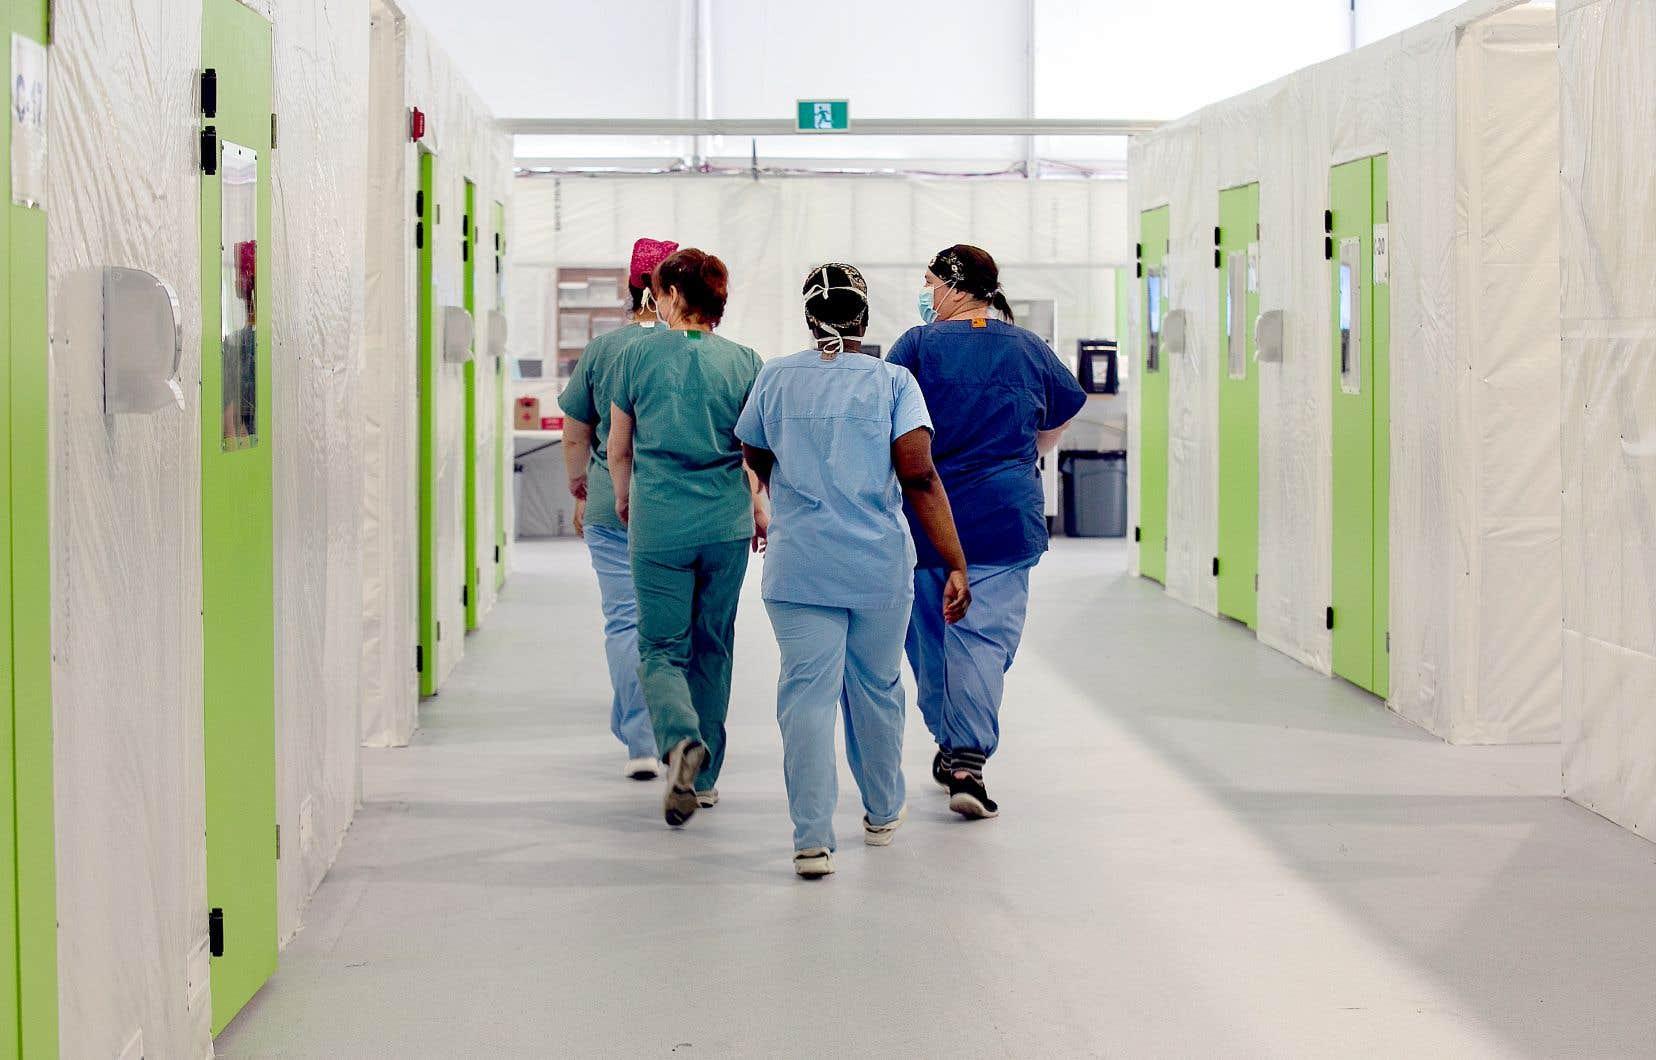 Lors de la première vague de la pandémie, des employés du secteur de la santé, comme les infirmières, ont été des vecteurs de la COVID-19.